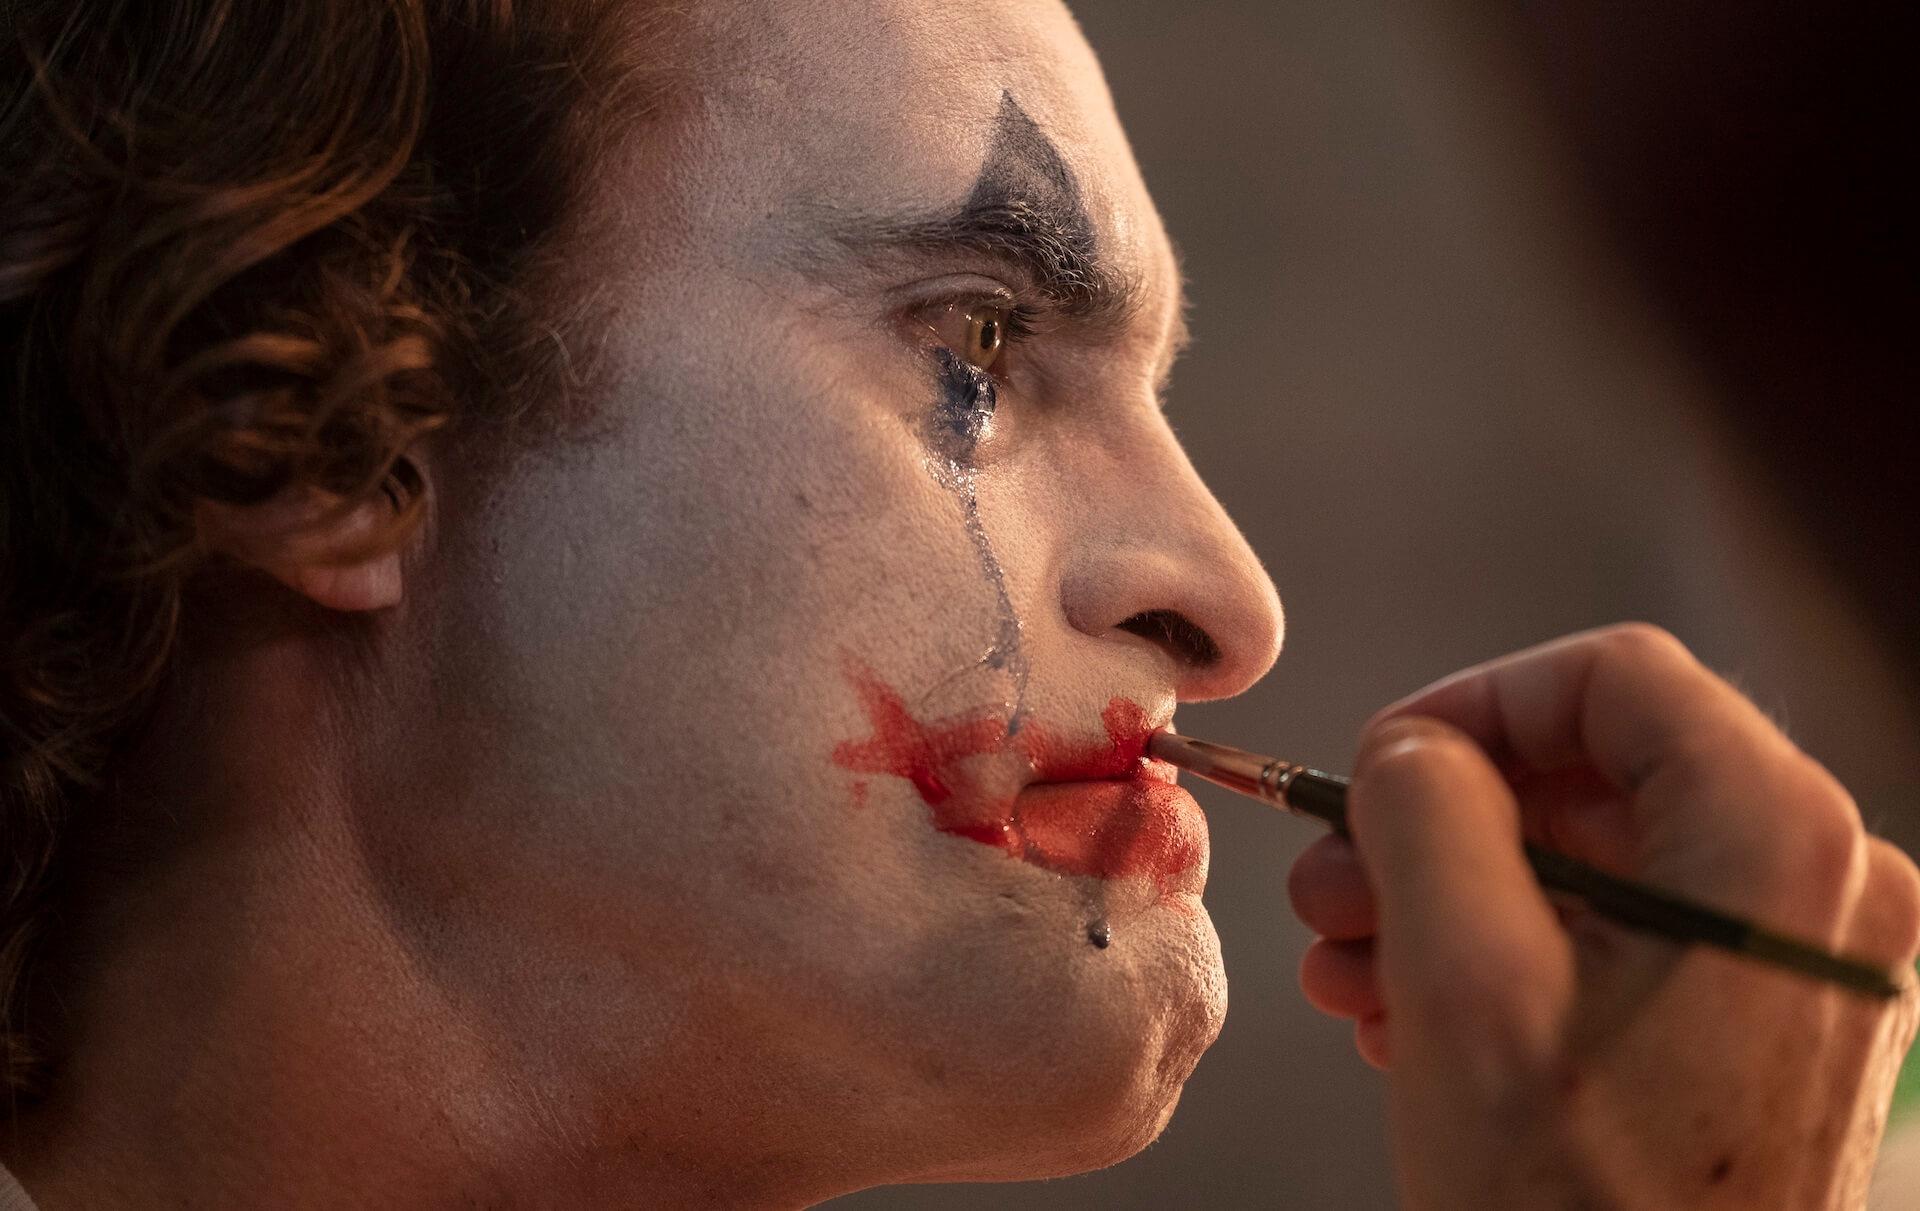 『ジョーカー』主演のホアキン・フェニックスが作品の続編について仄めかす film191009_joker_oscar_main